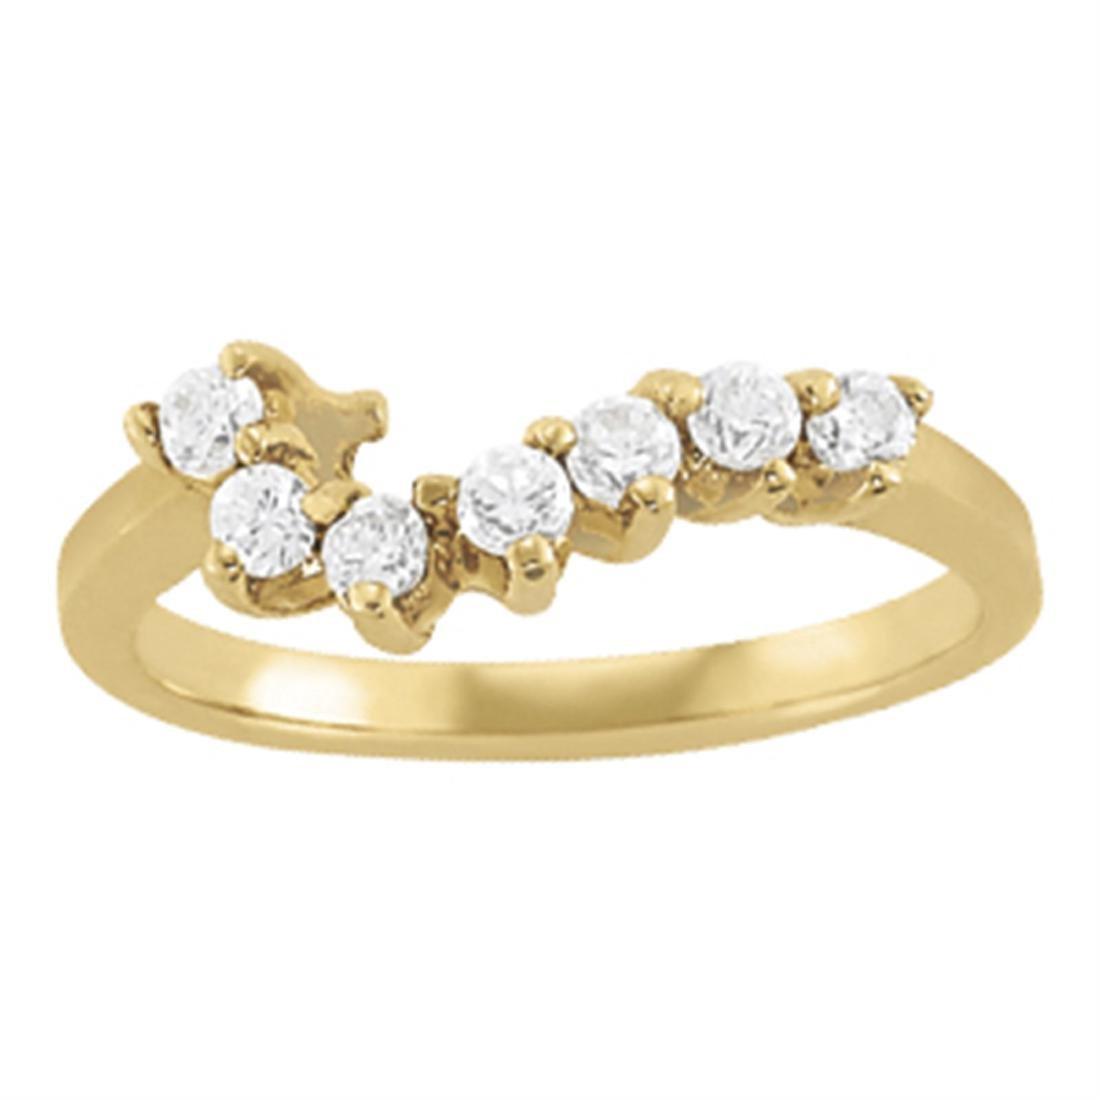 14kt gold 2.67 gram Wedding Bands/Curved Bands